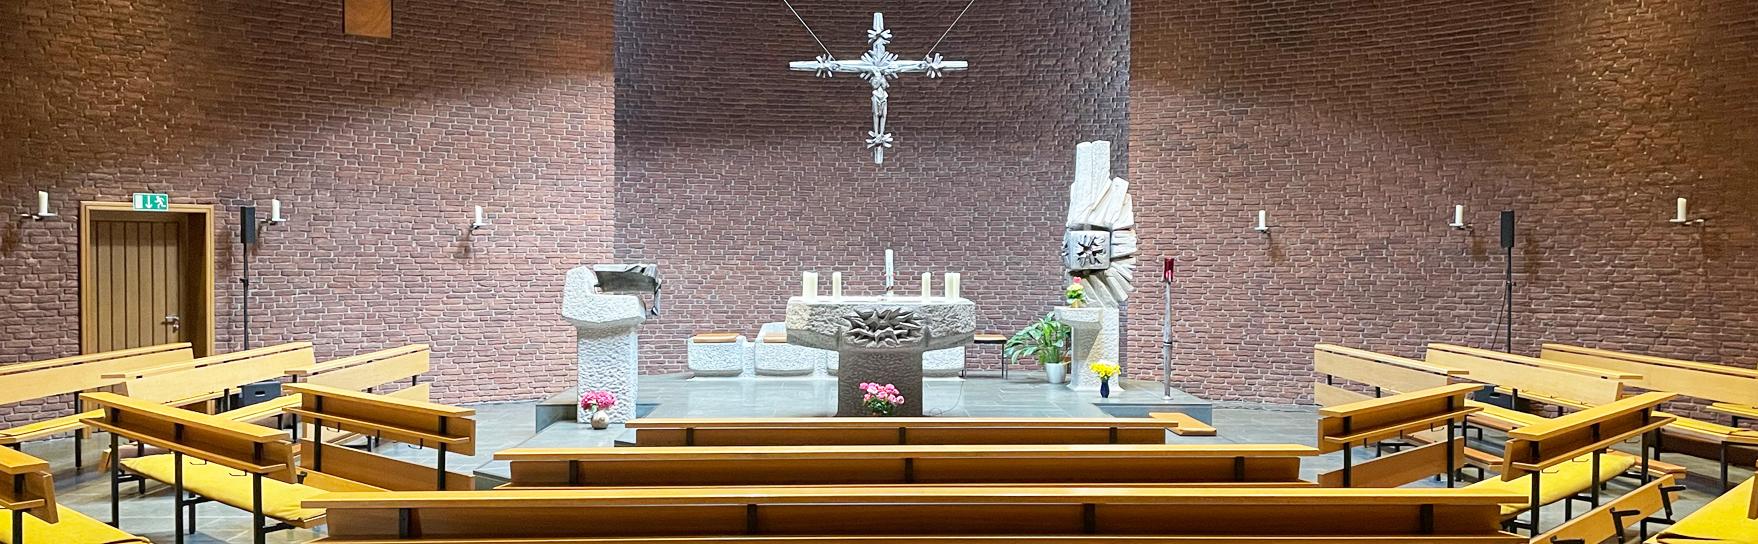 Kircheninnenraum der kath. Kirchengemeinde St. Vinzenz im Hamburger Stadtteil Eißendorf